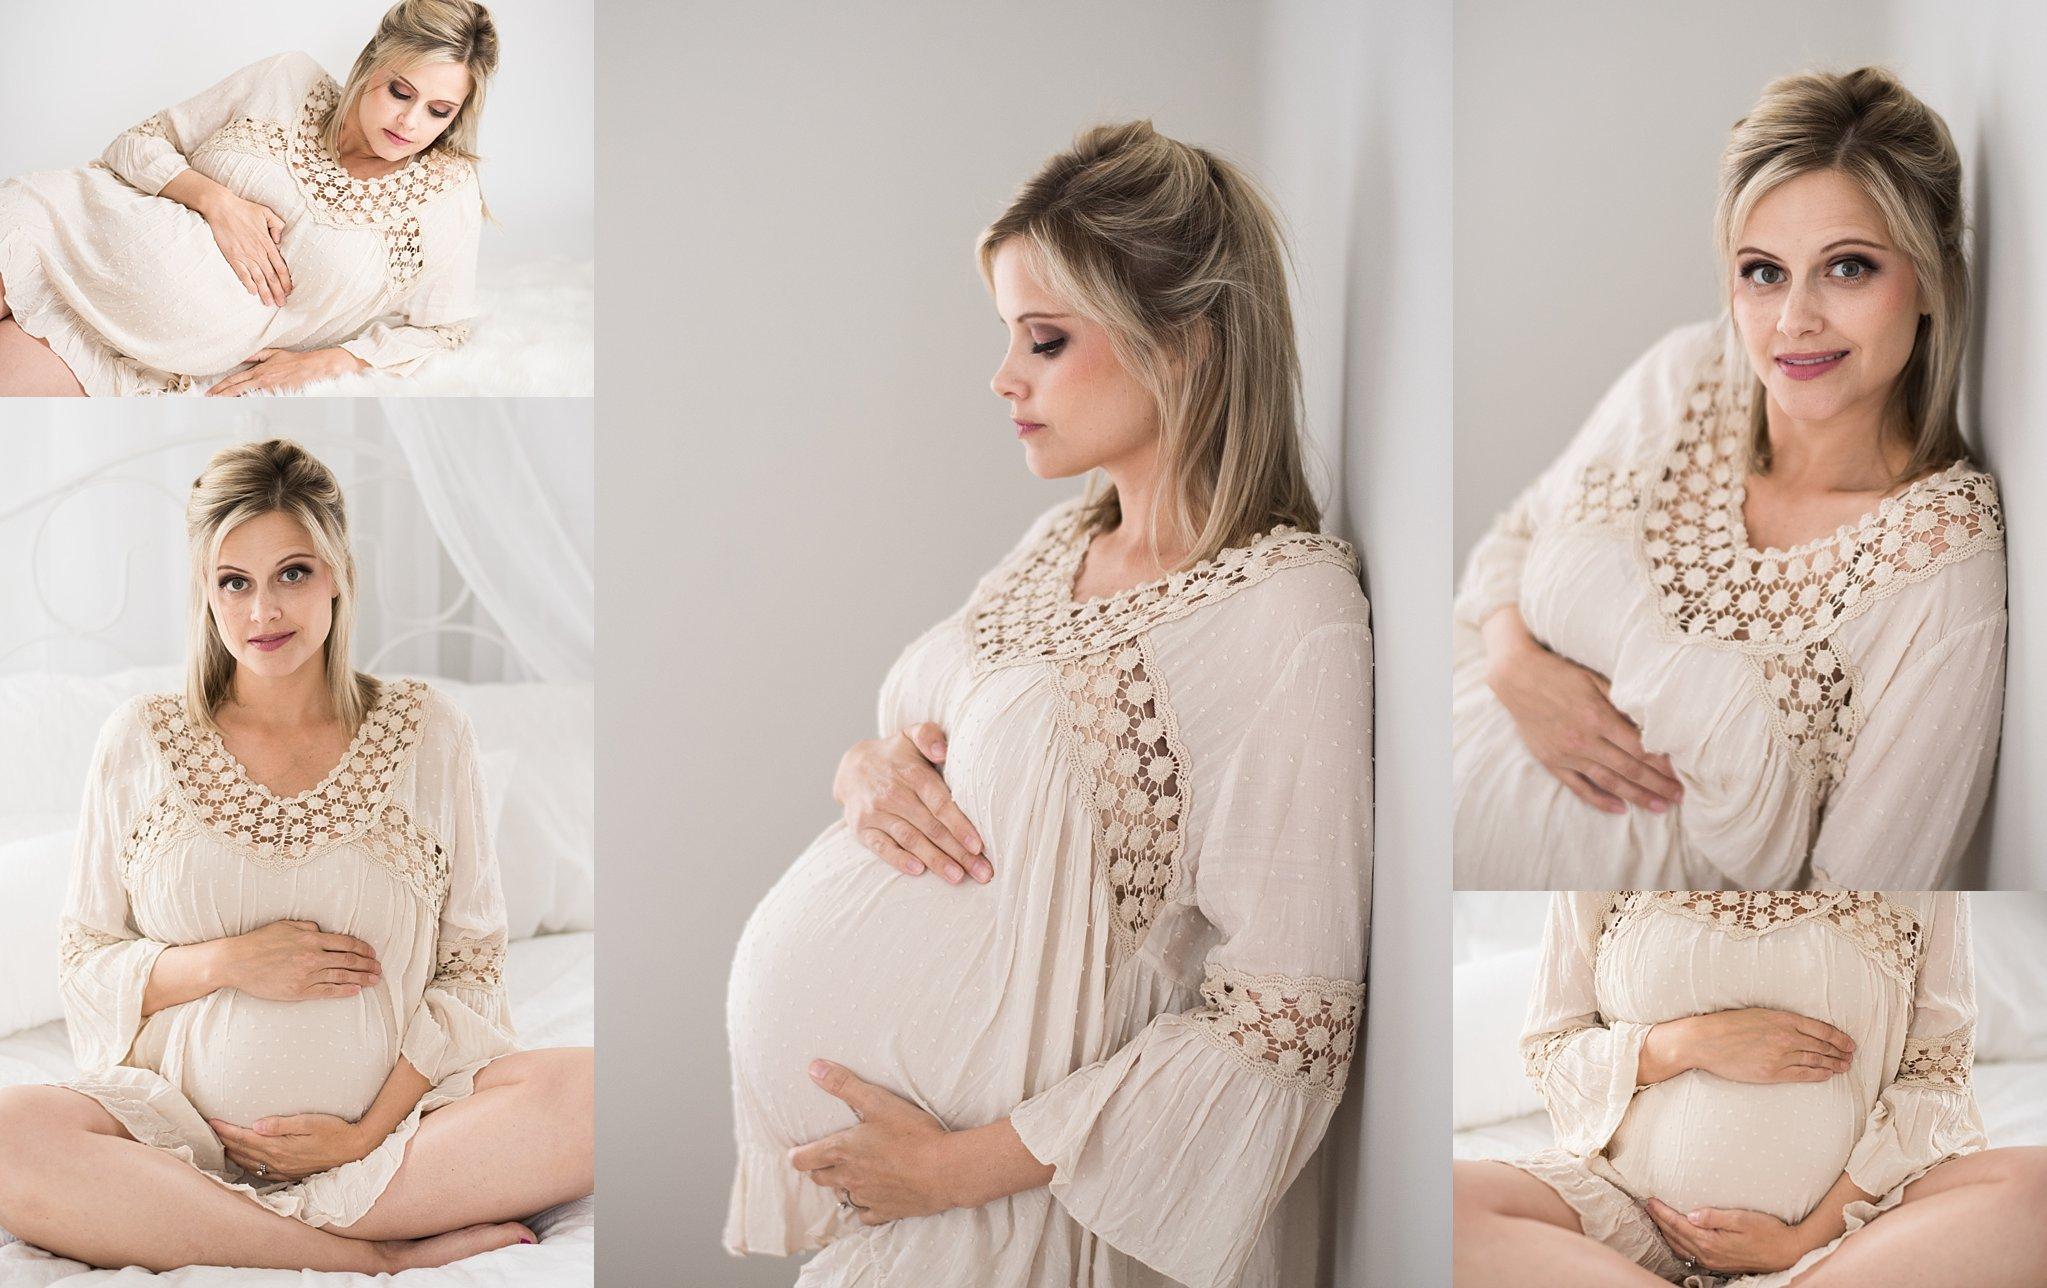 maternitywichitaks2.jpg